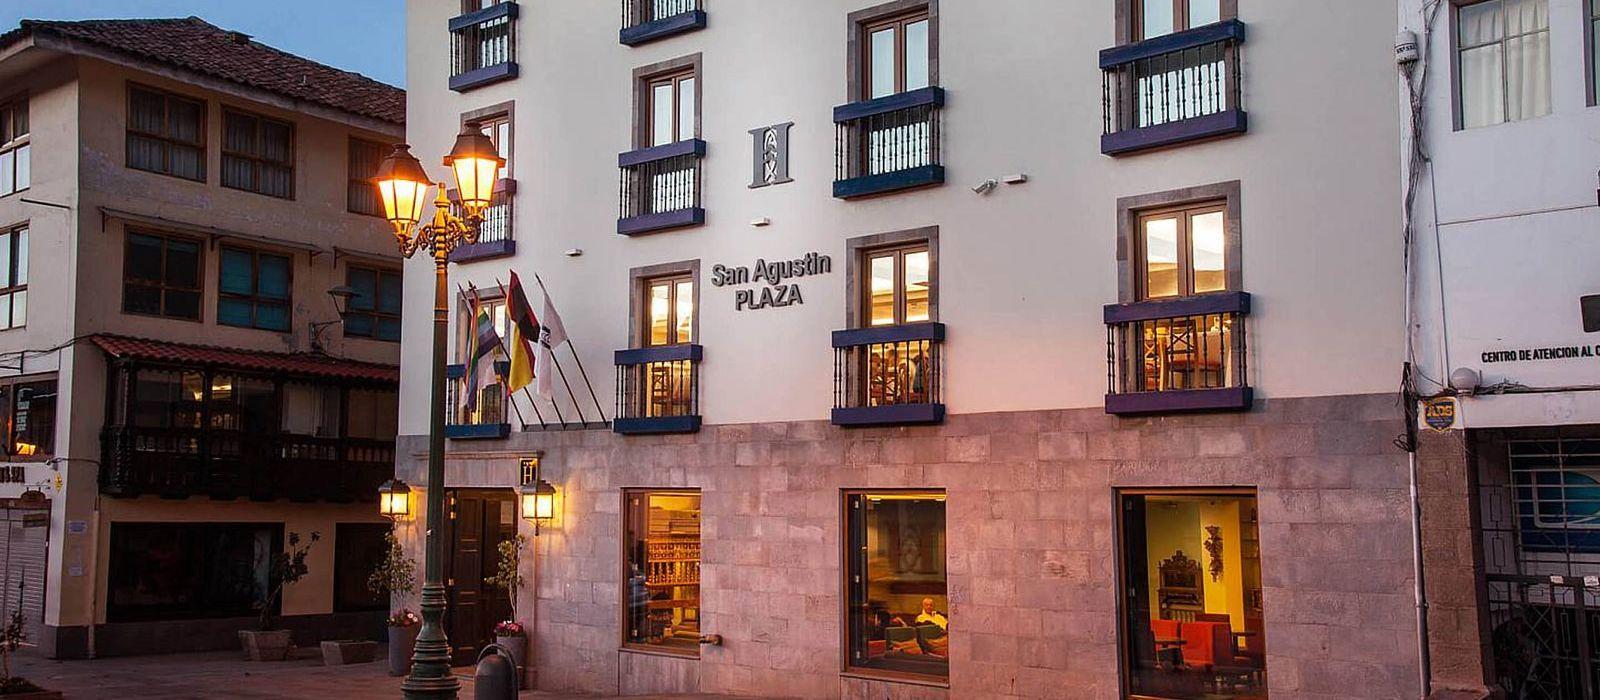 Hotel San Agustín Plaza Peru